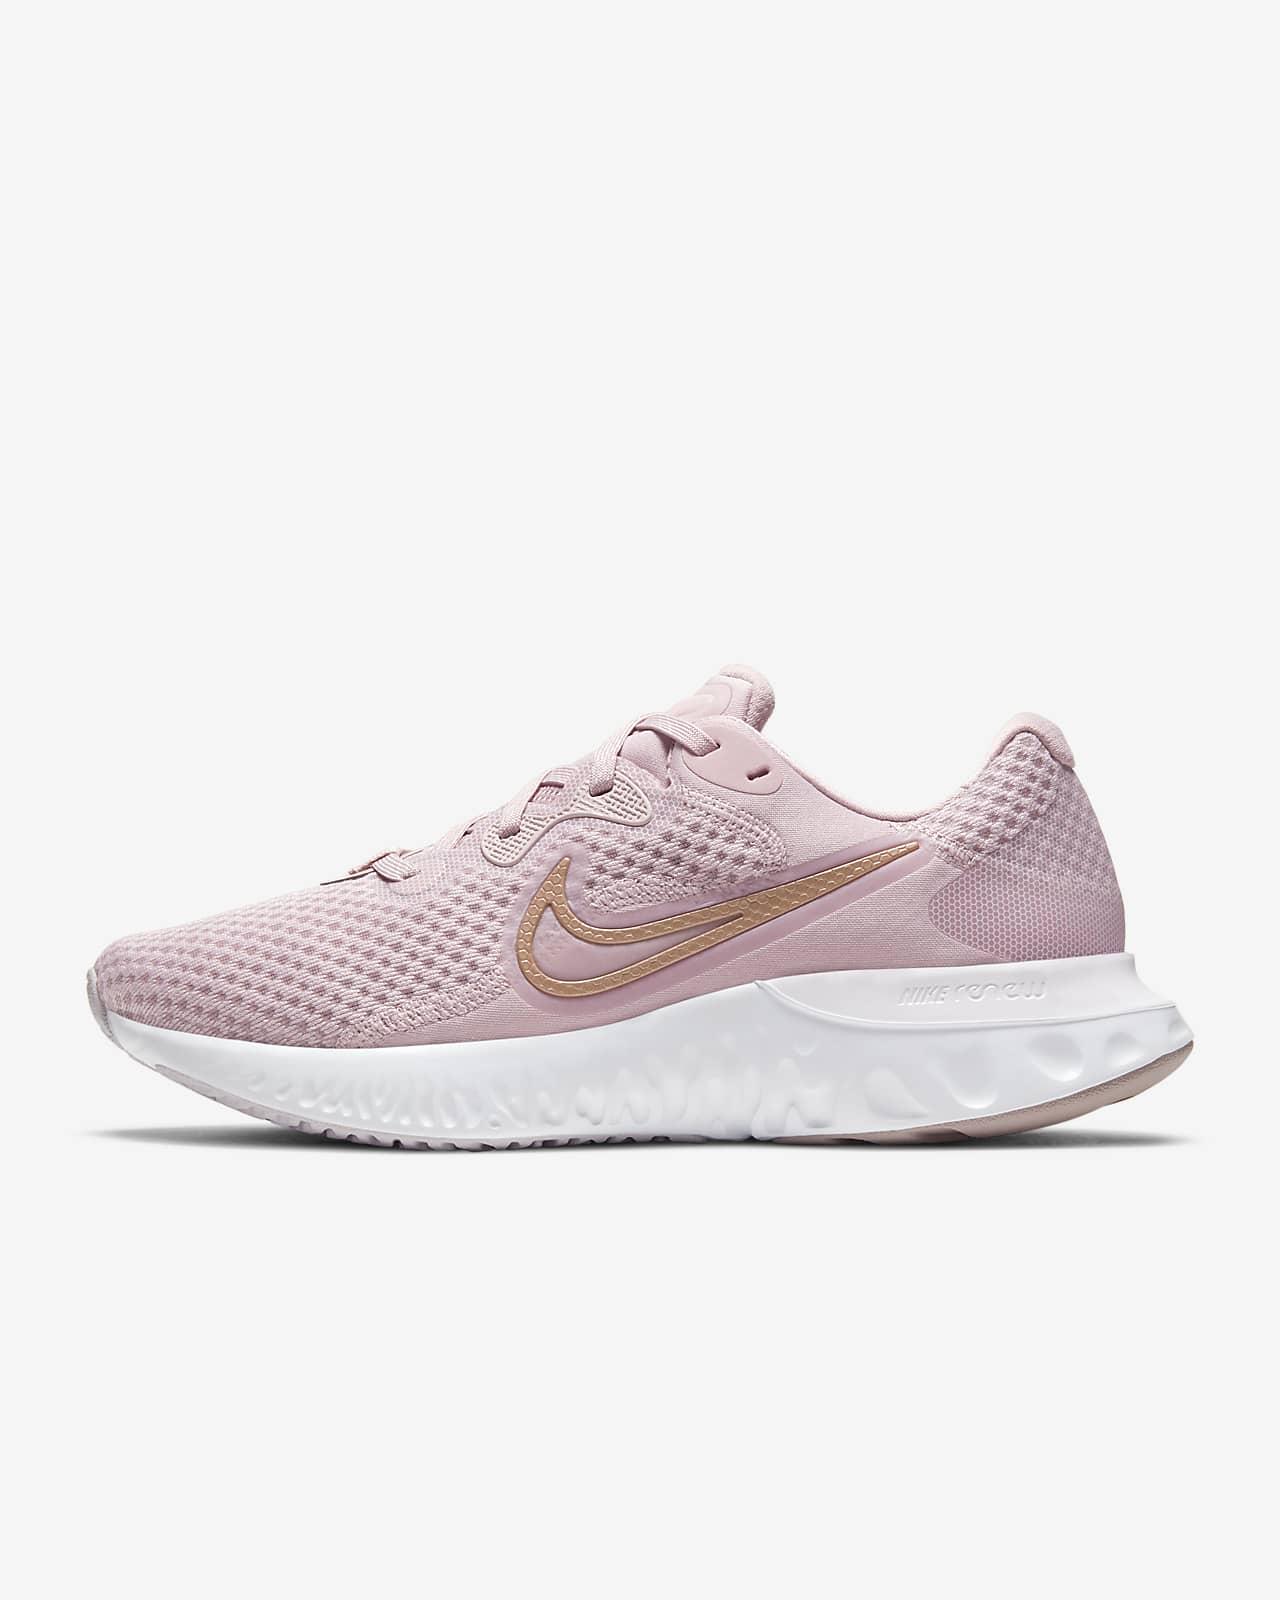 รองเท้าวิ่งผู้หญิง Nike Renew Run 2